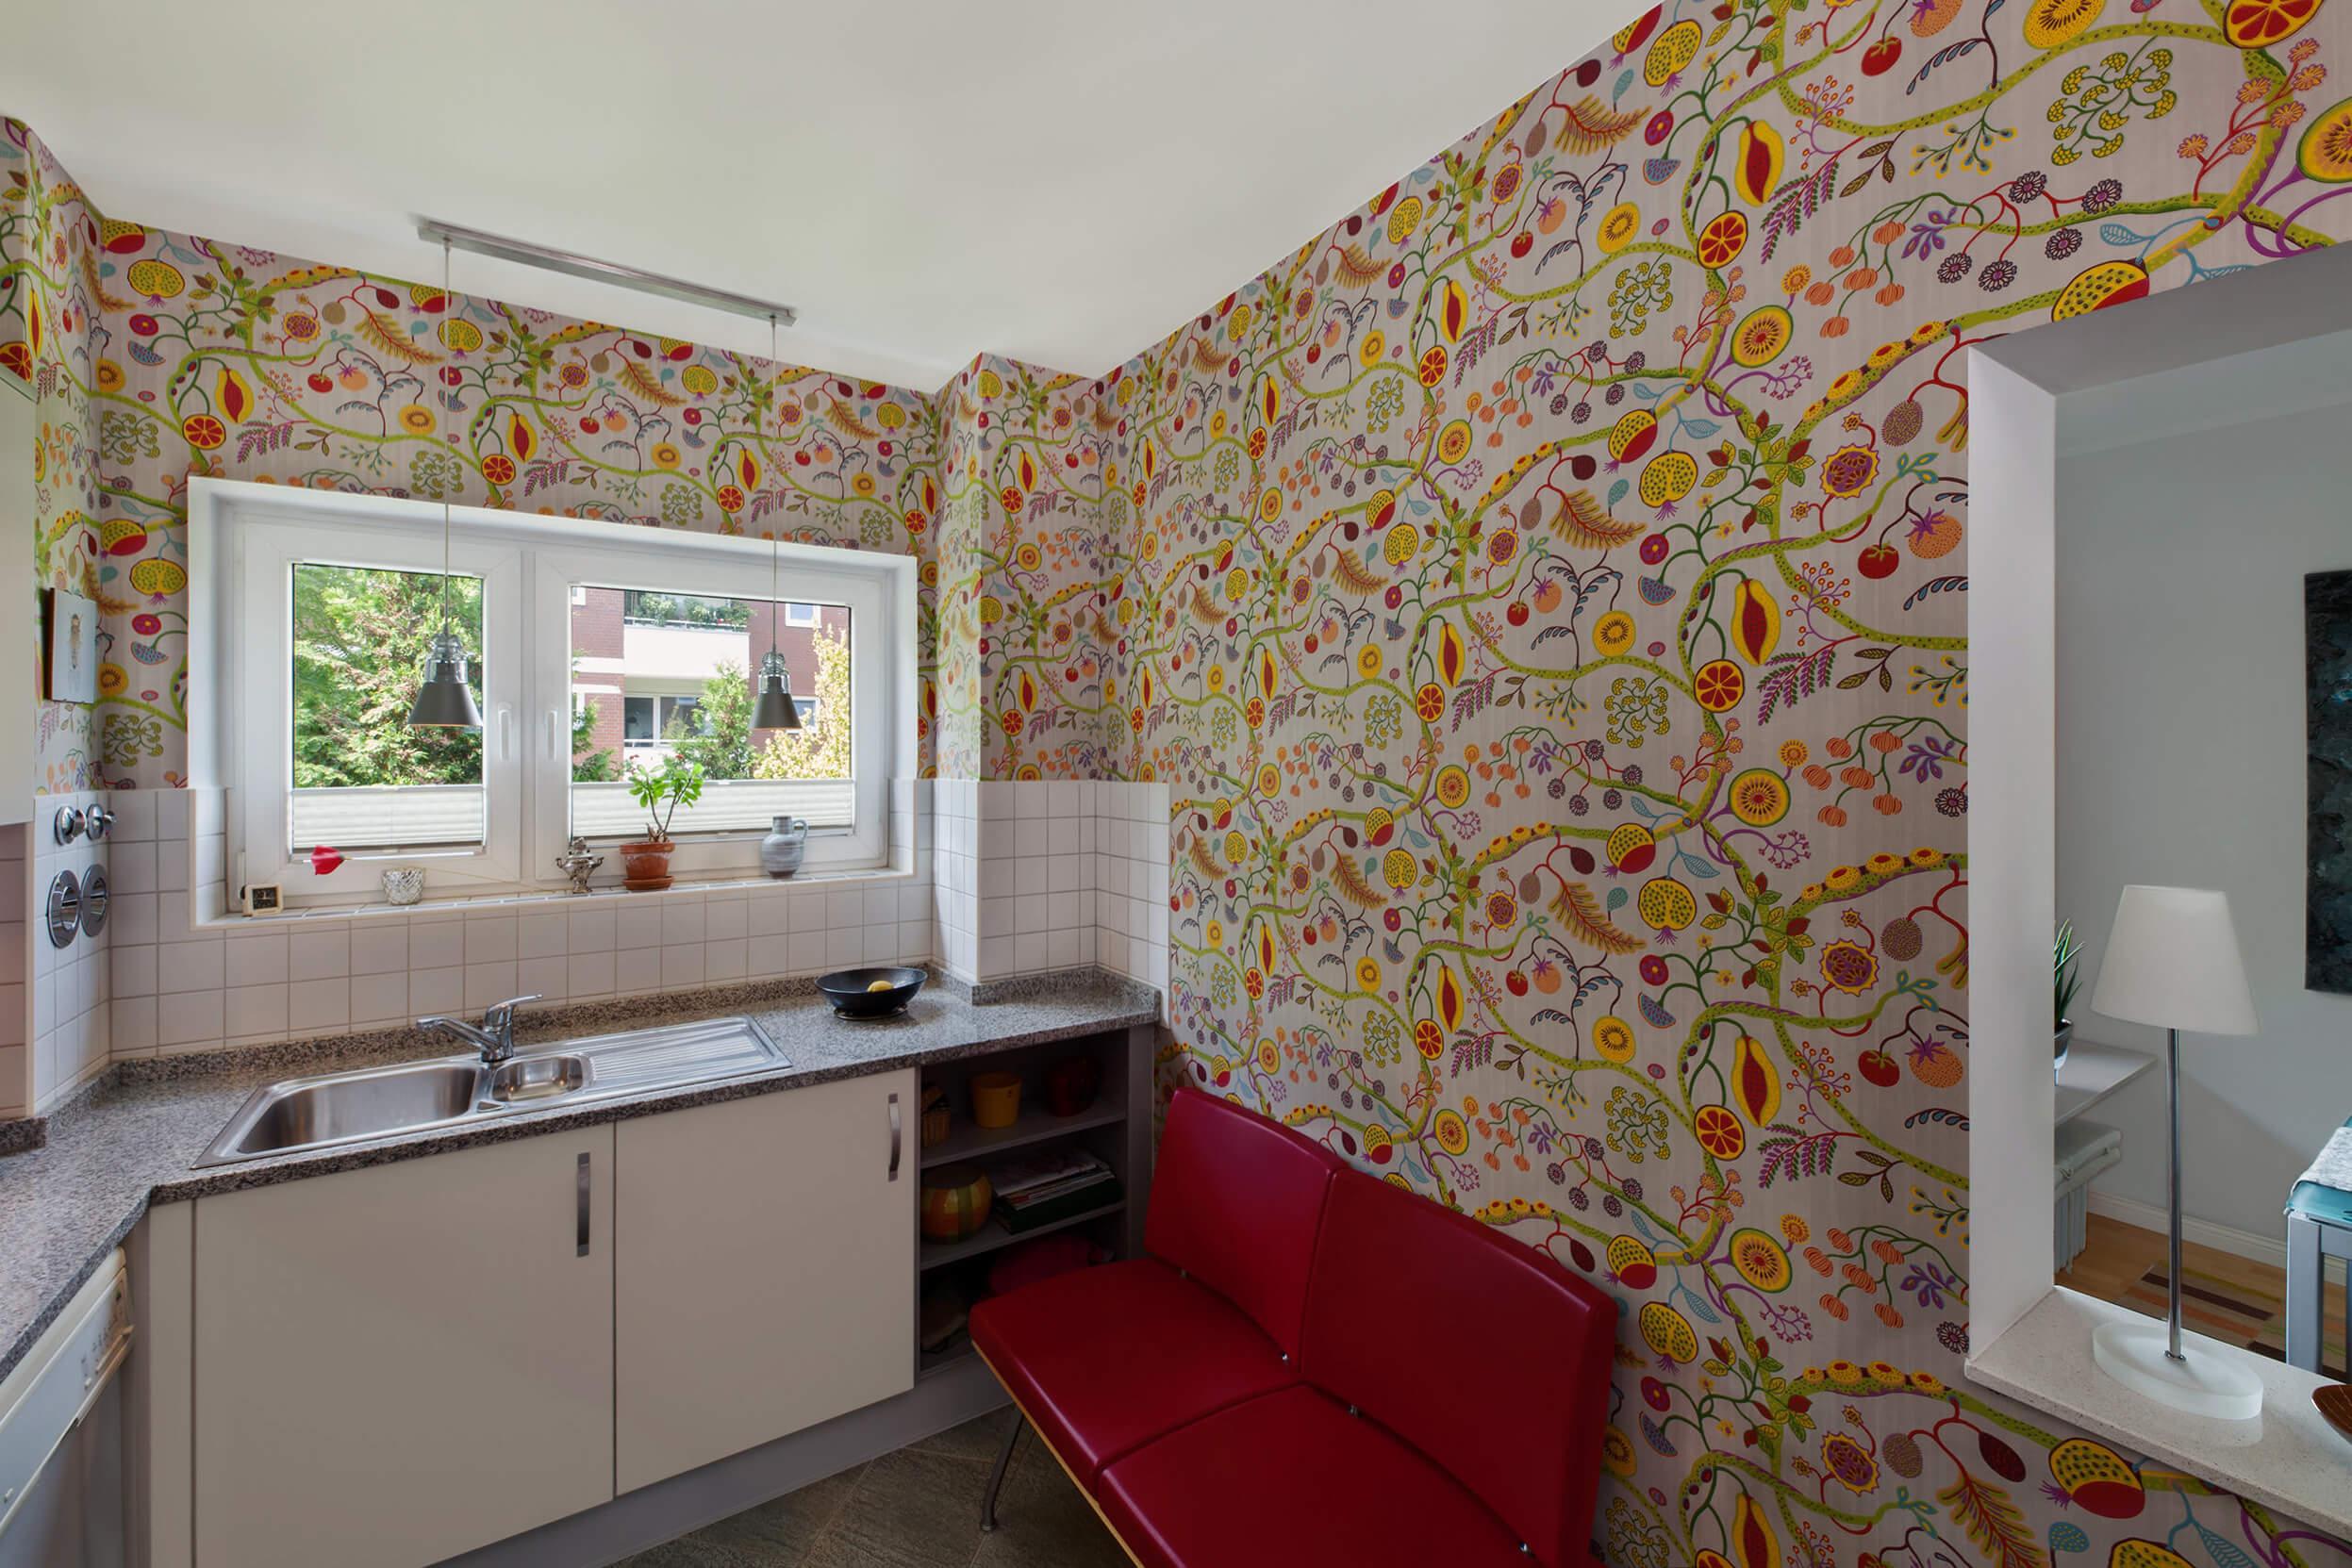 Full Size of Küchentapete Blumenmuster Kchentapeten Adler Wohndesign Wohnzimmer Küchentapete